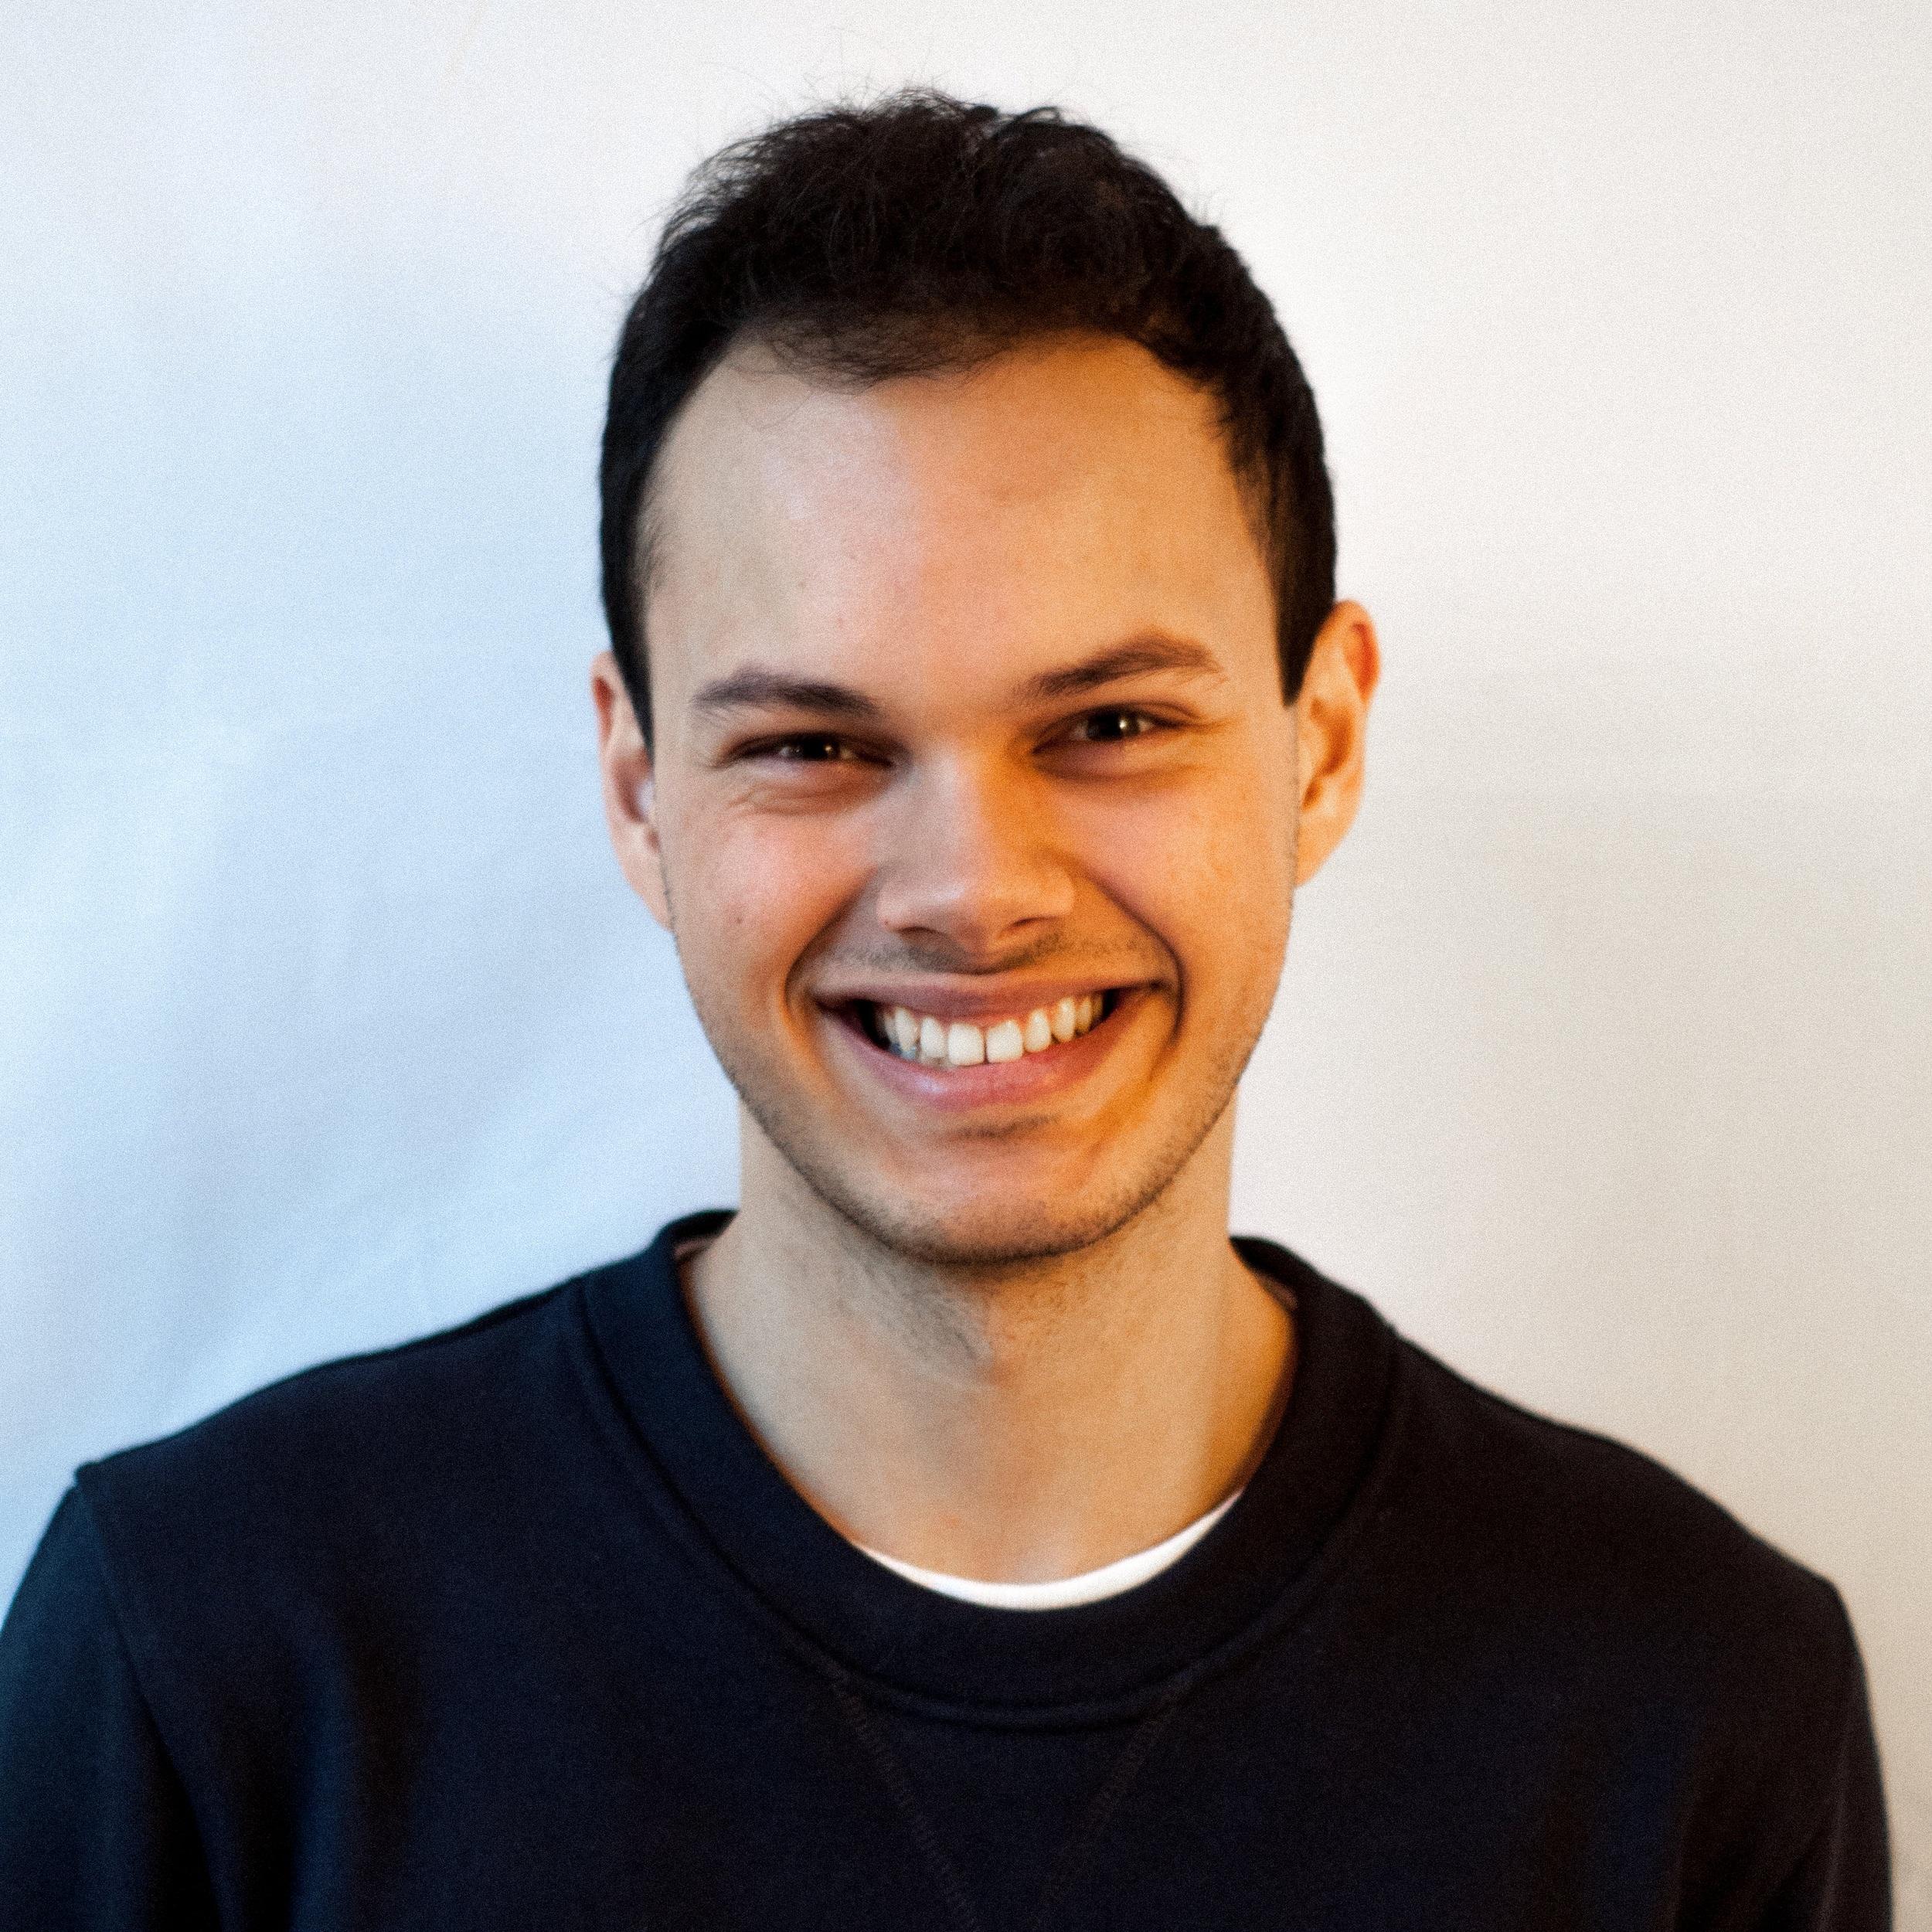 Neil Buchanan - Technical Manager